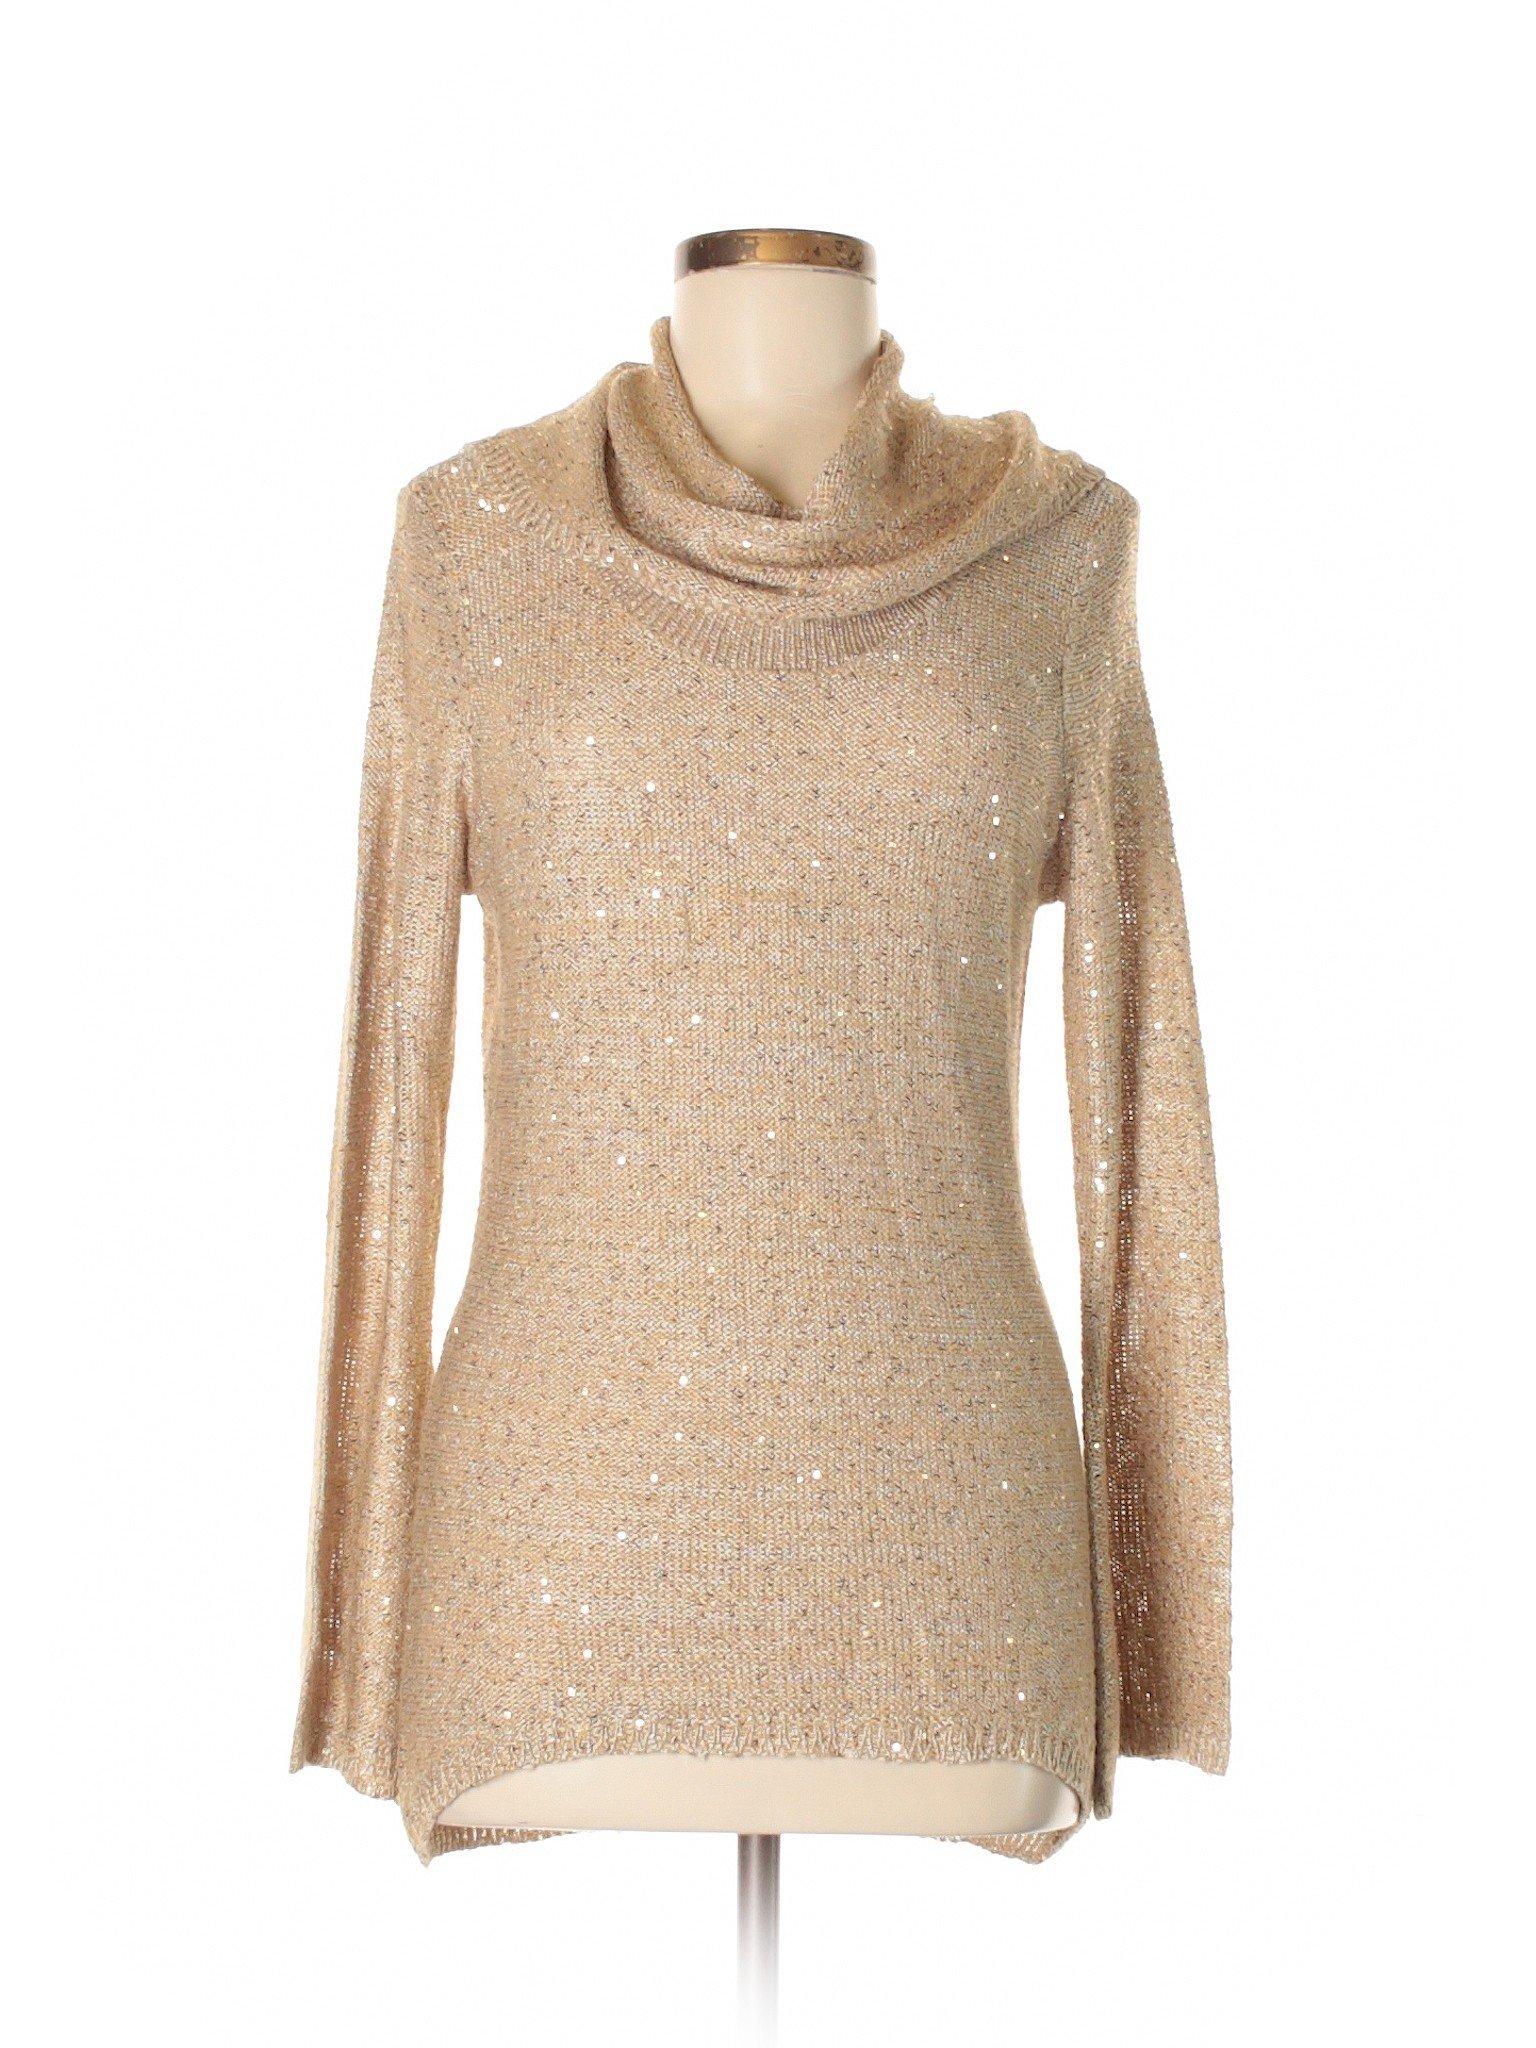 Pullover Sweater Cremieux Boutique Cremieux Cremieux Boutique Boutique Cremieux Sweater Sweater Boutique Pullover Pullover AZrZqXtxw